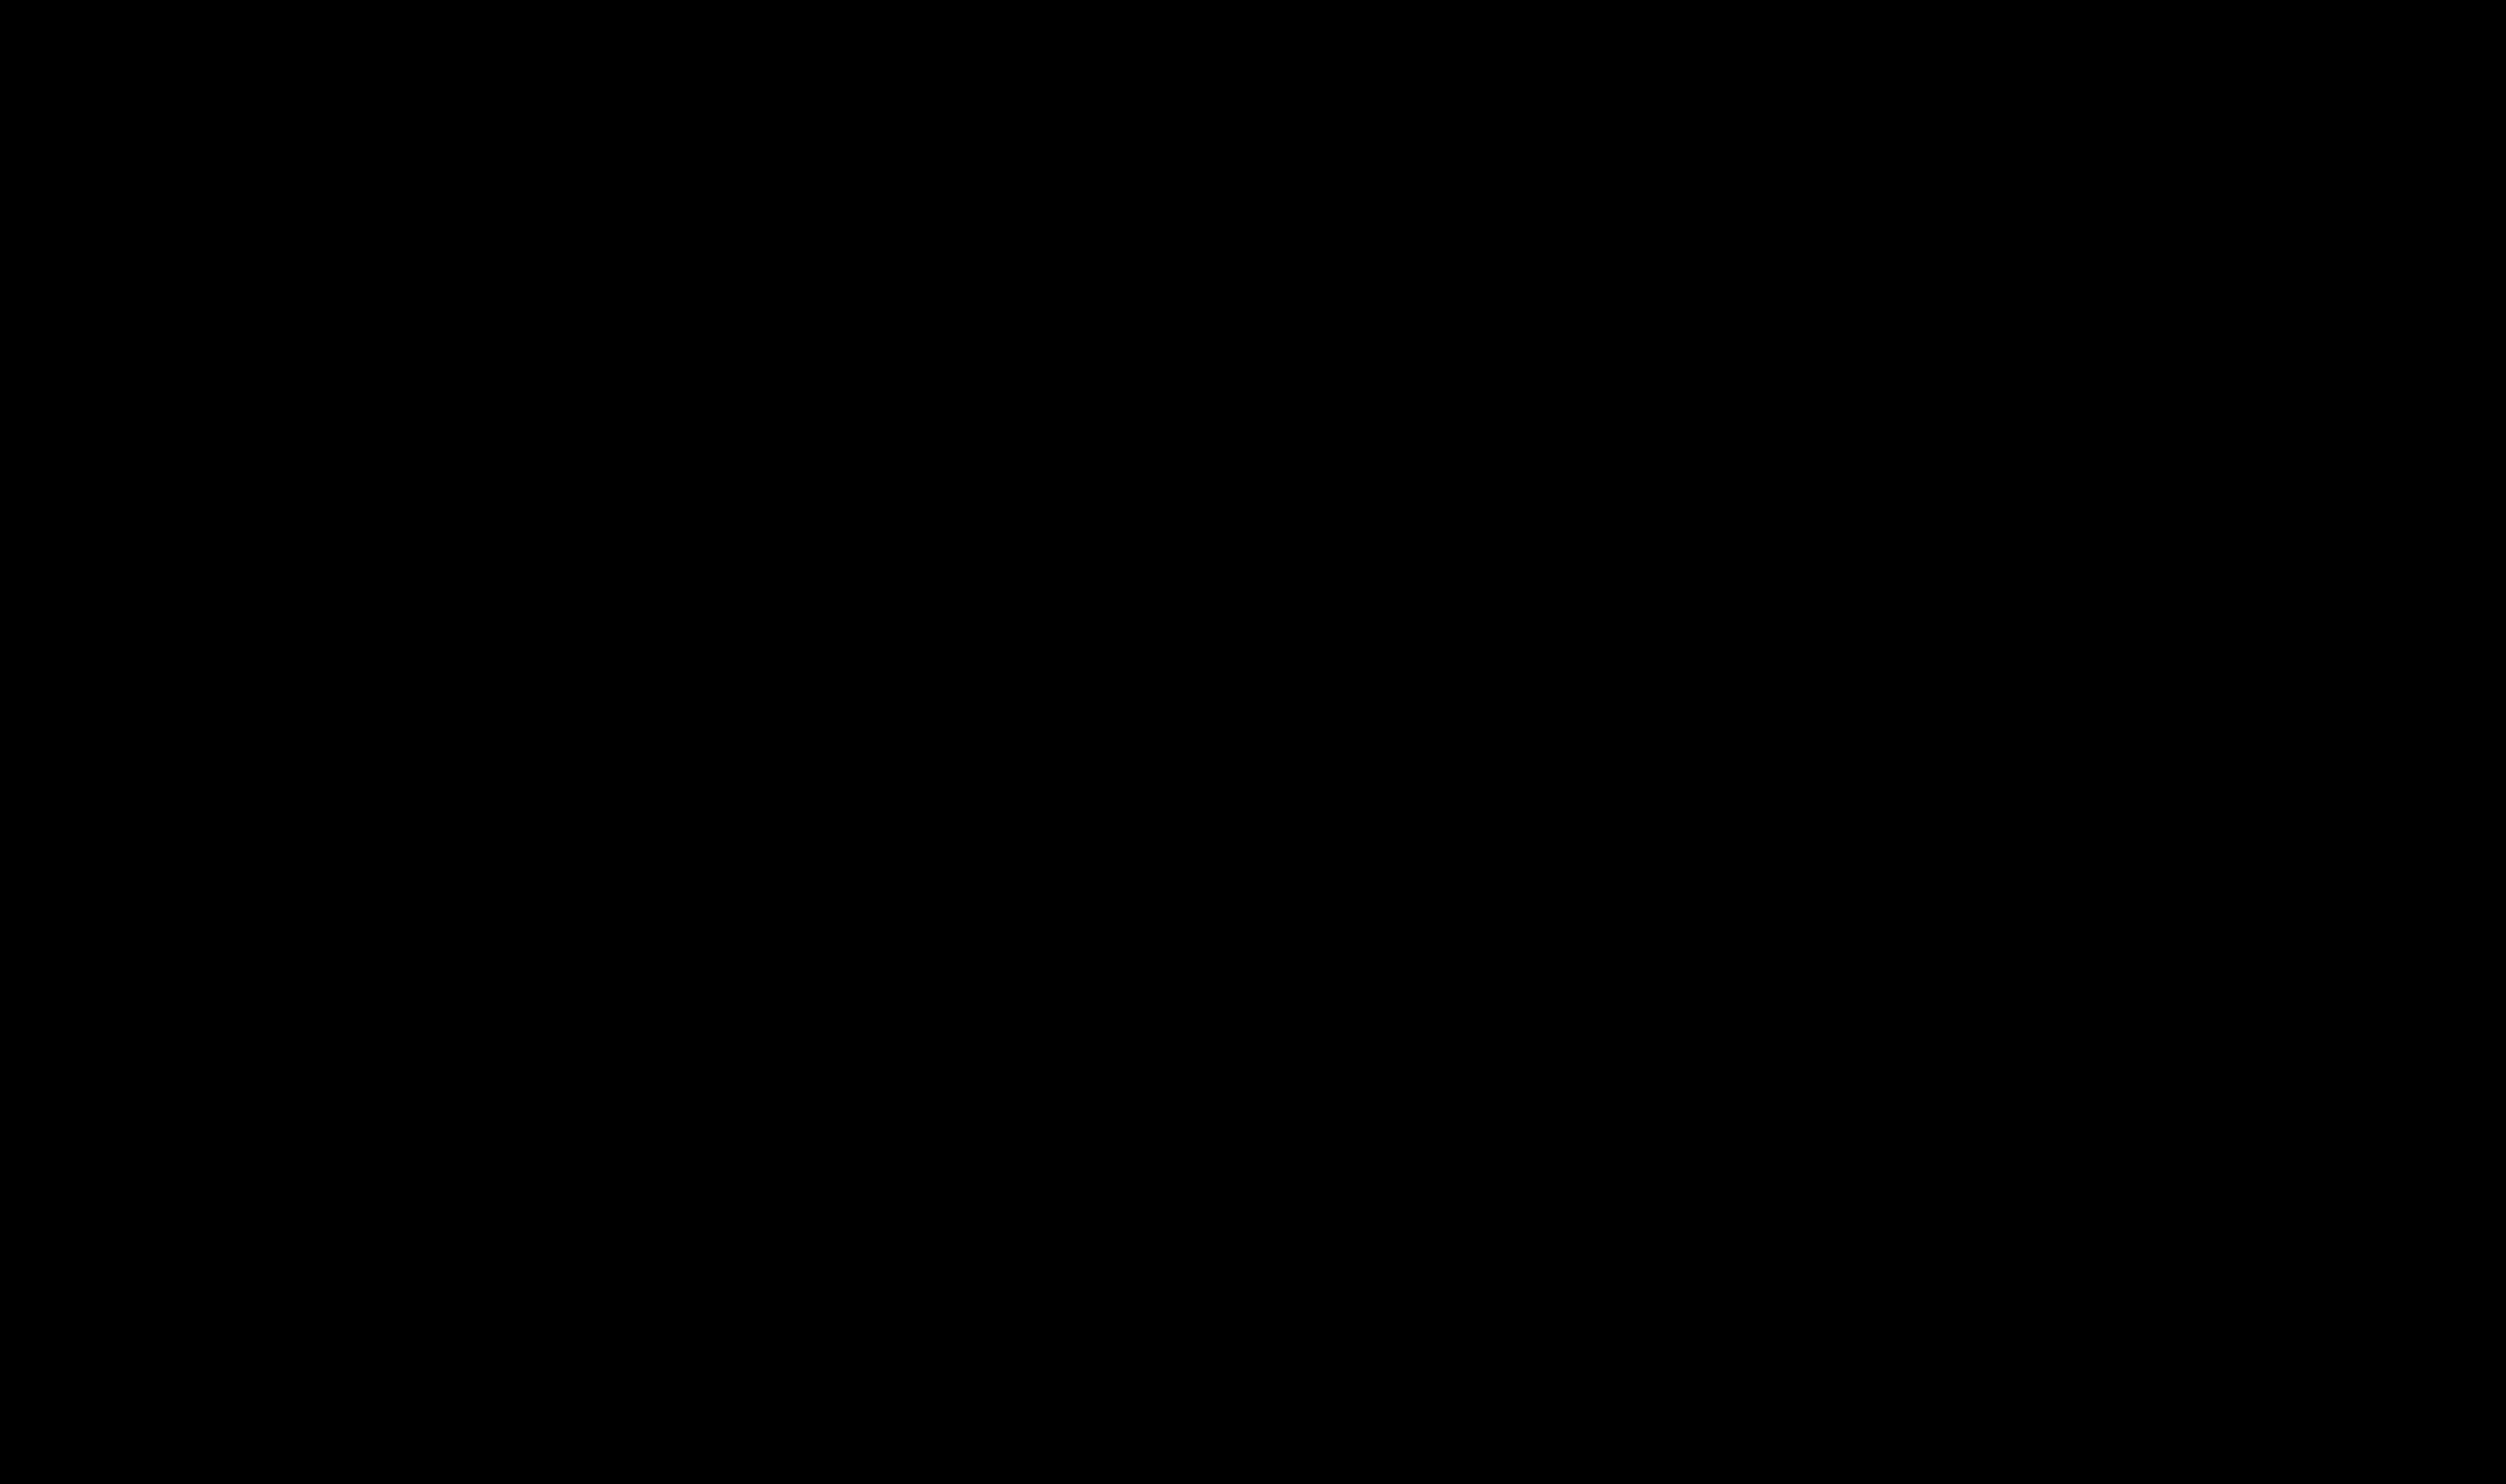 不忘初心,再創輝煌——2020莫干山品牌創新發展大會暨25周年慶典